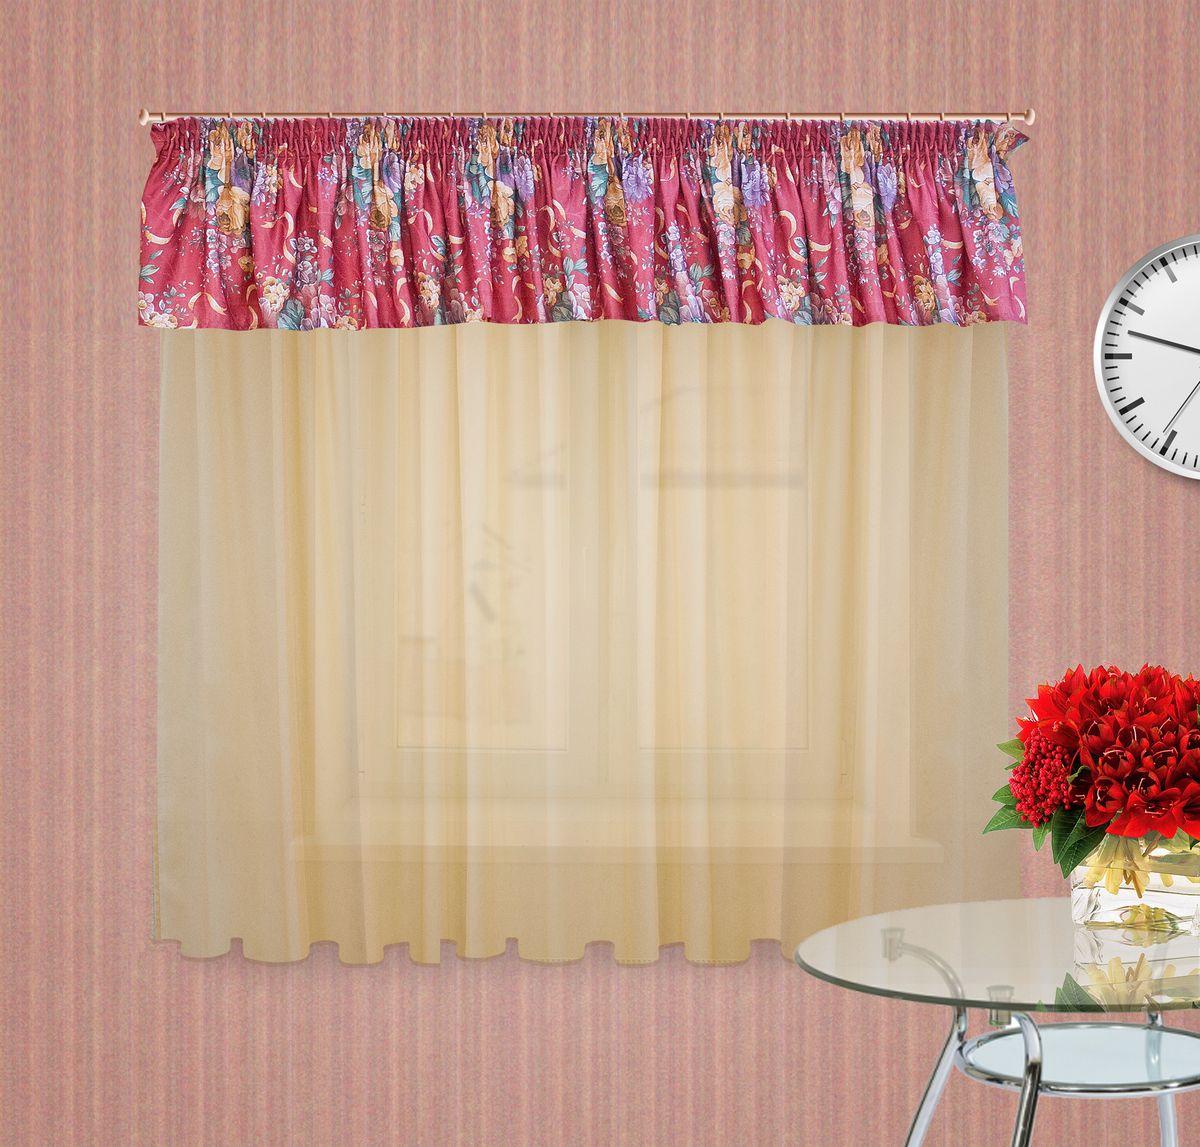 Тюлевое полотно Zlata Korunka. 5555310248Комплект штор на шторной ленте , Ламбрекен : 400*50см 1шт, ткань печатный сатен с орнаментом крупного цветка, Тюлевое полотно из вуали цвет: светлый беж размером: 300*180